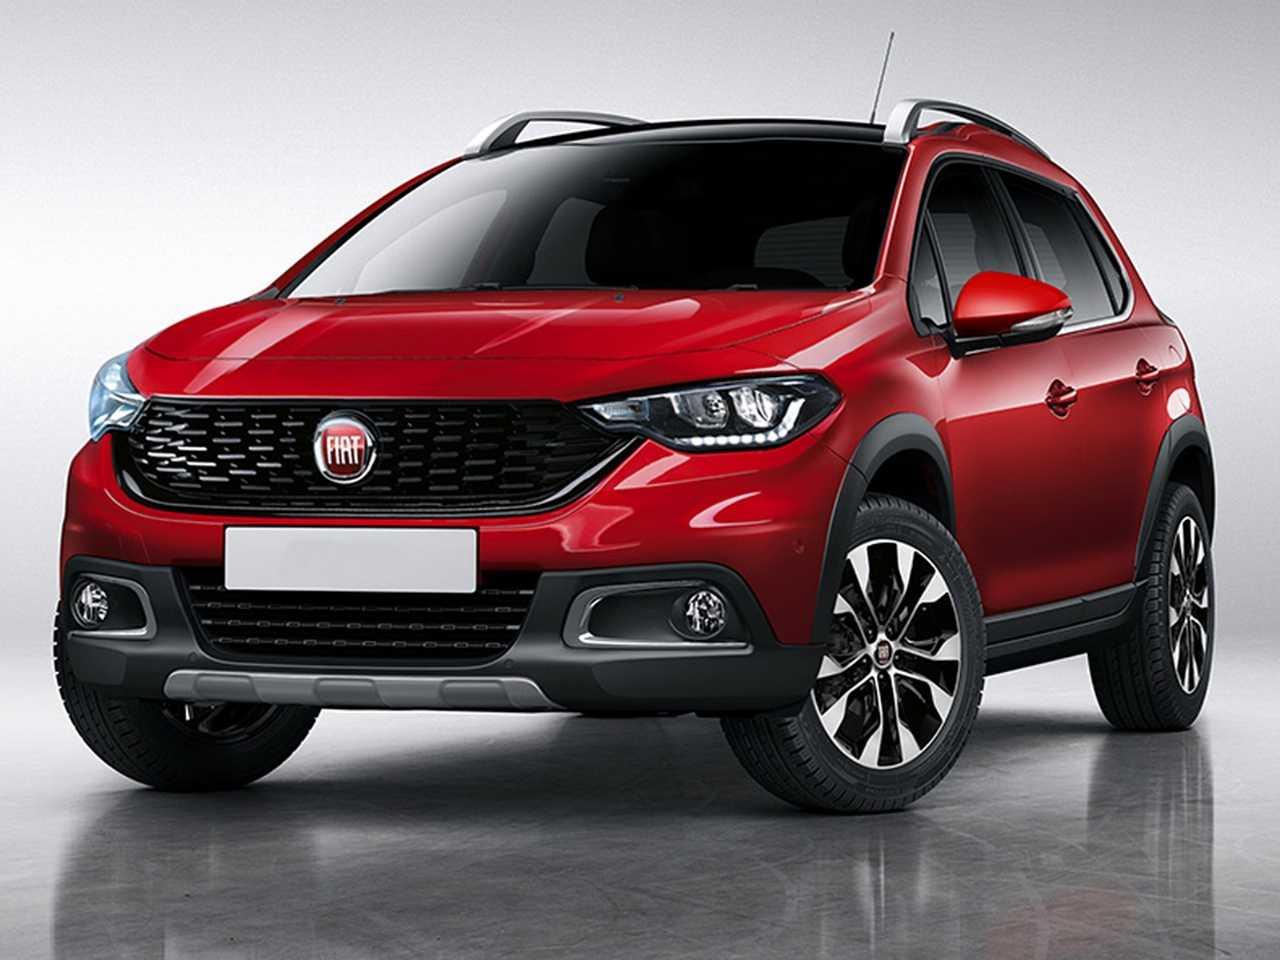 Projeção de Kleber Silva sobre o que podemos esperar para o inédito SUV compacto da Fiat